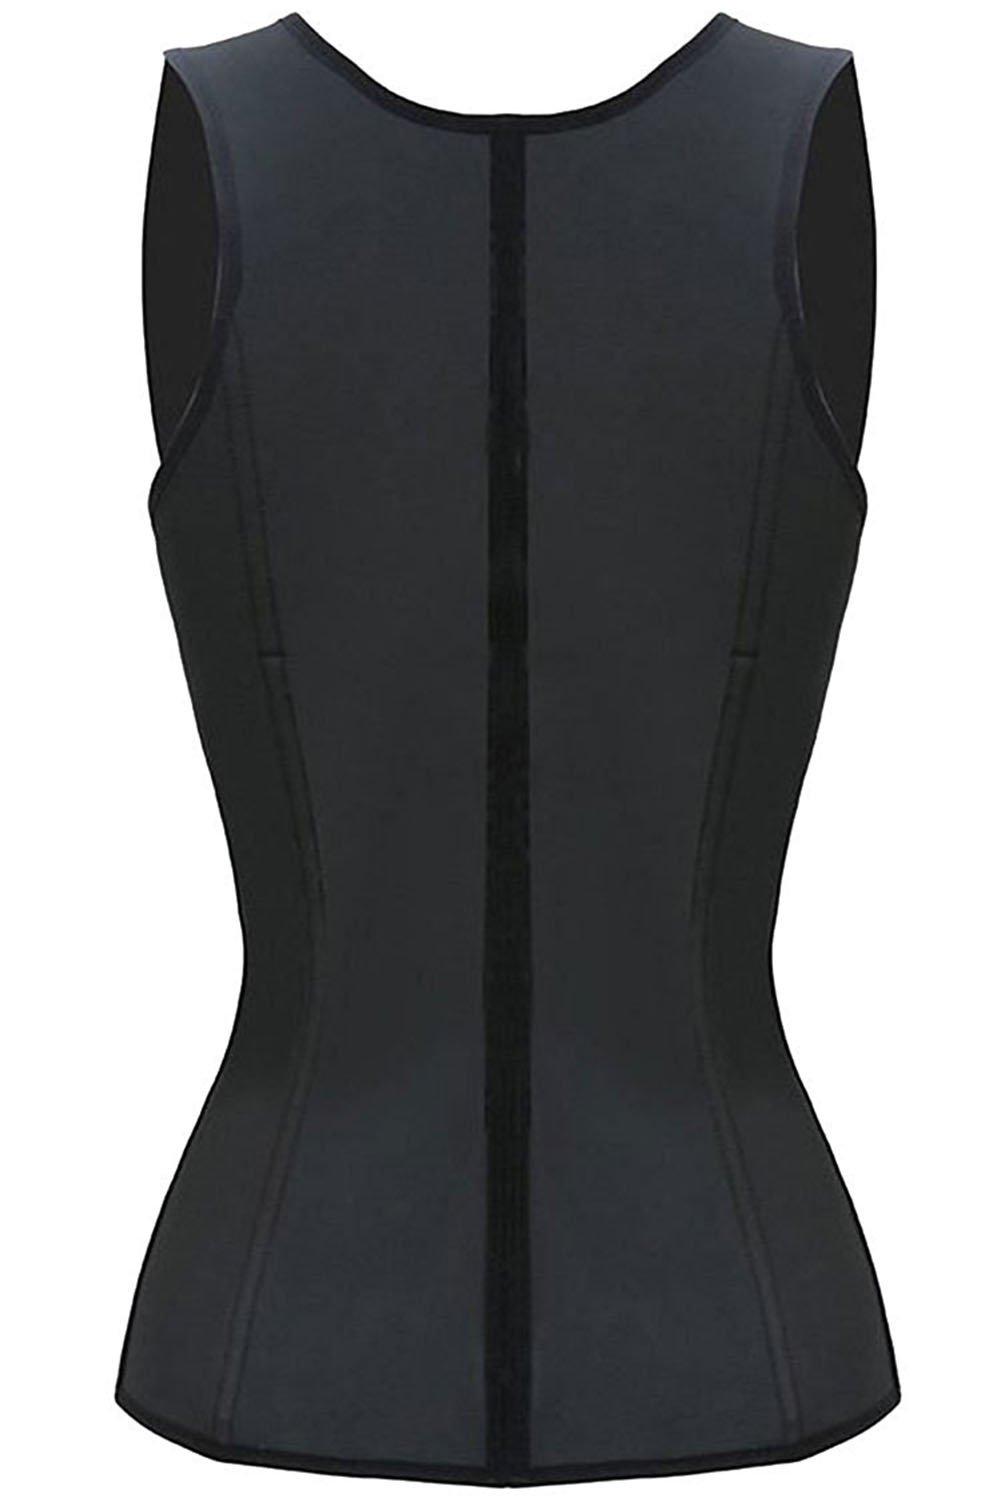 WONDER BEAUTY Women\'s Boned Waist Trainer Underbust Corset Cincher (3XL, Black)